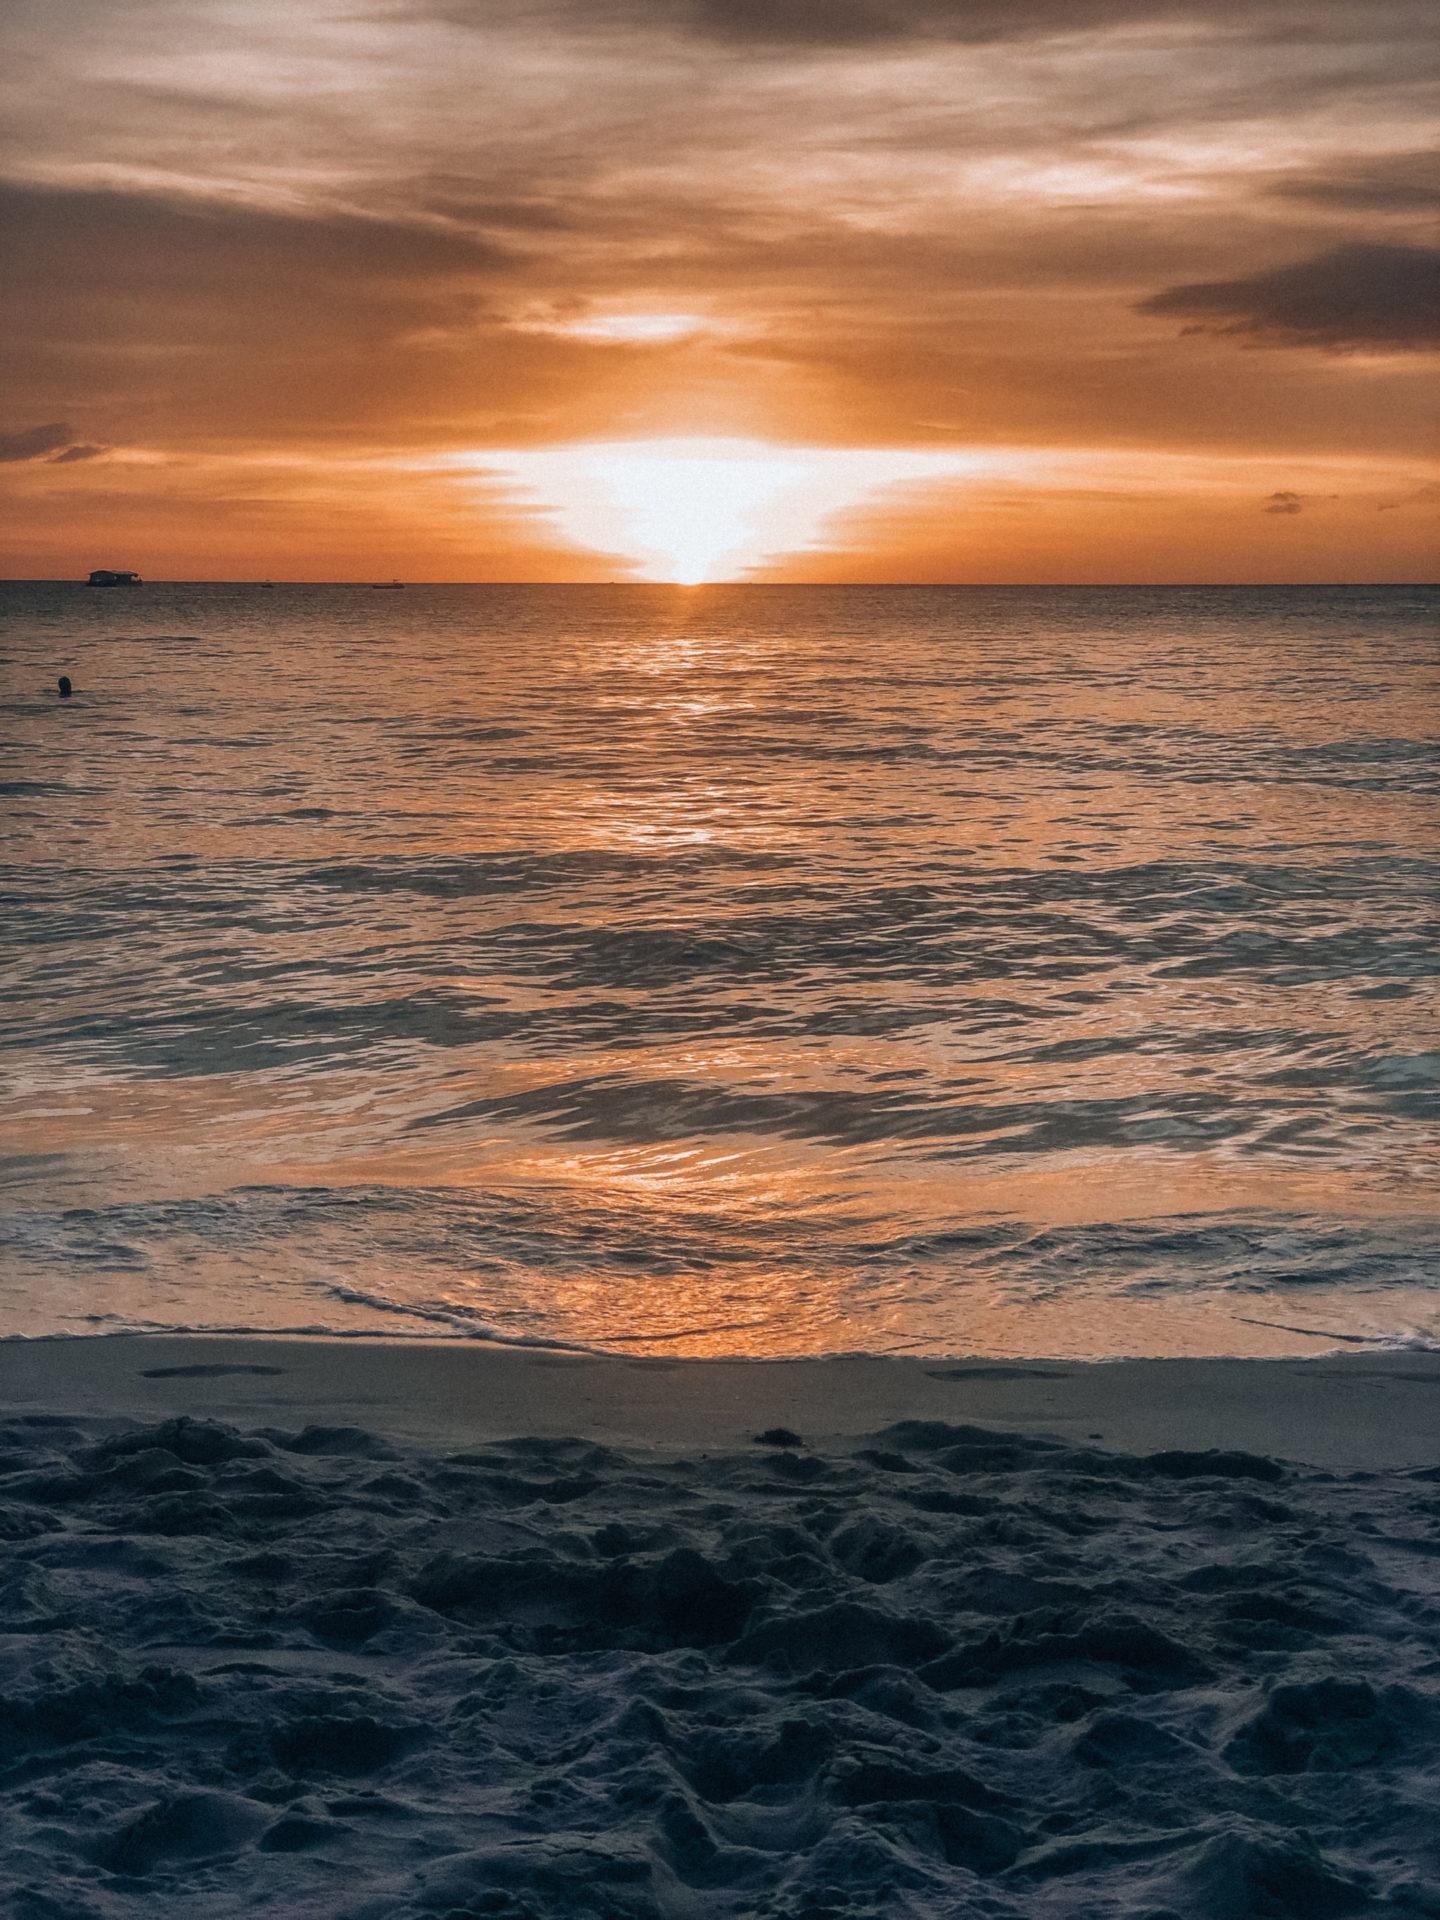 kenzie_boracay_beach_sunset